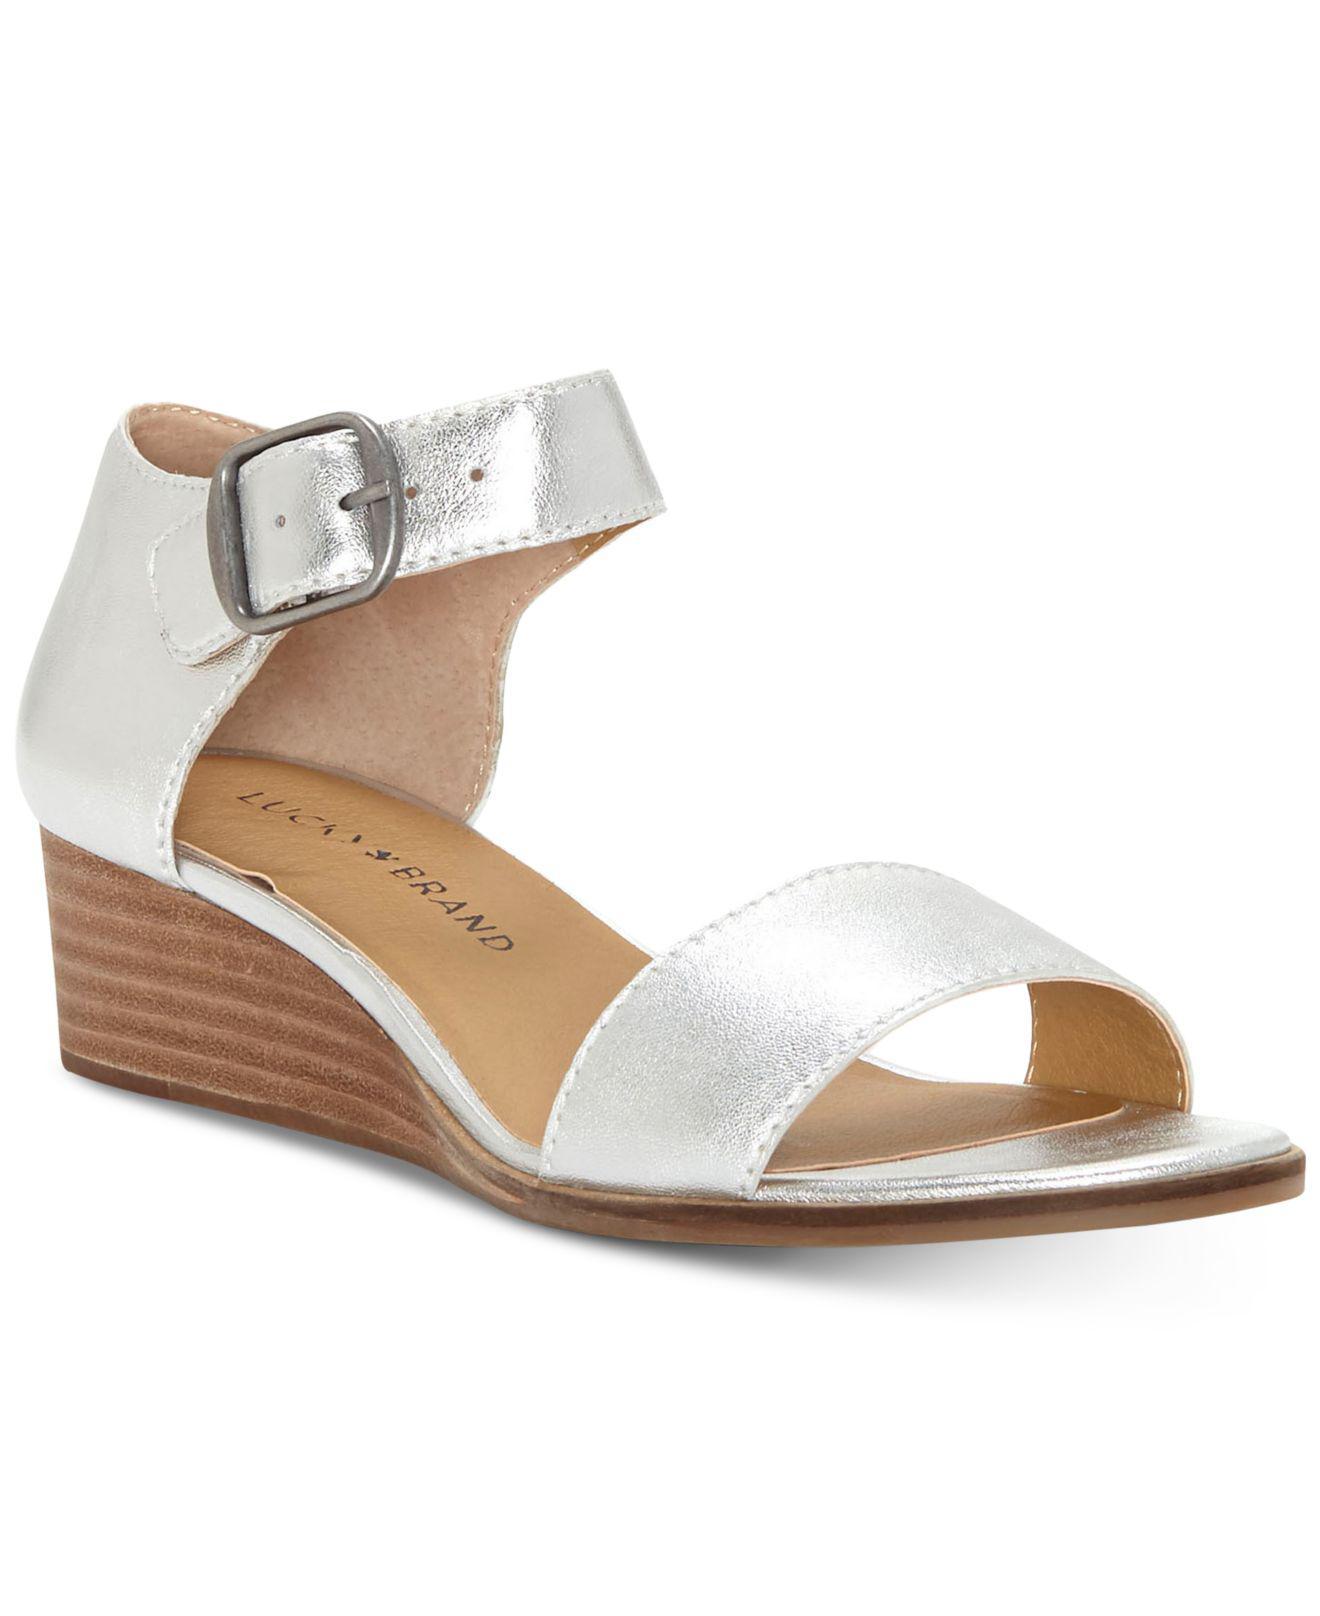 Riamsee Suede Wedge Sandals jM1nnAY